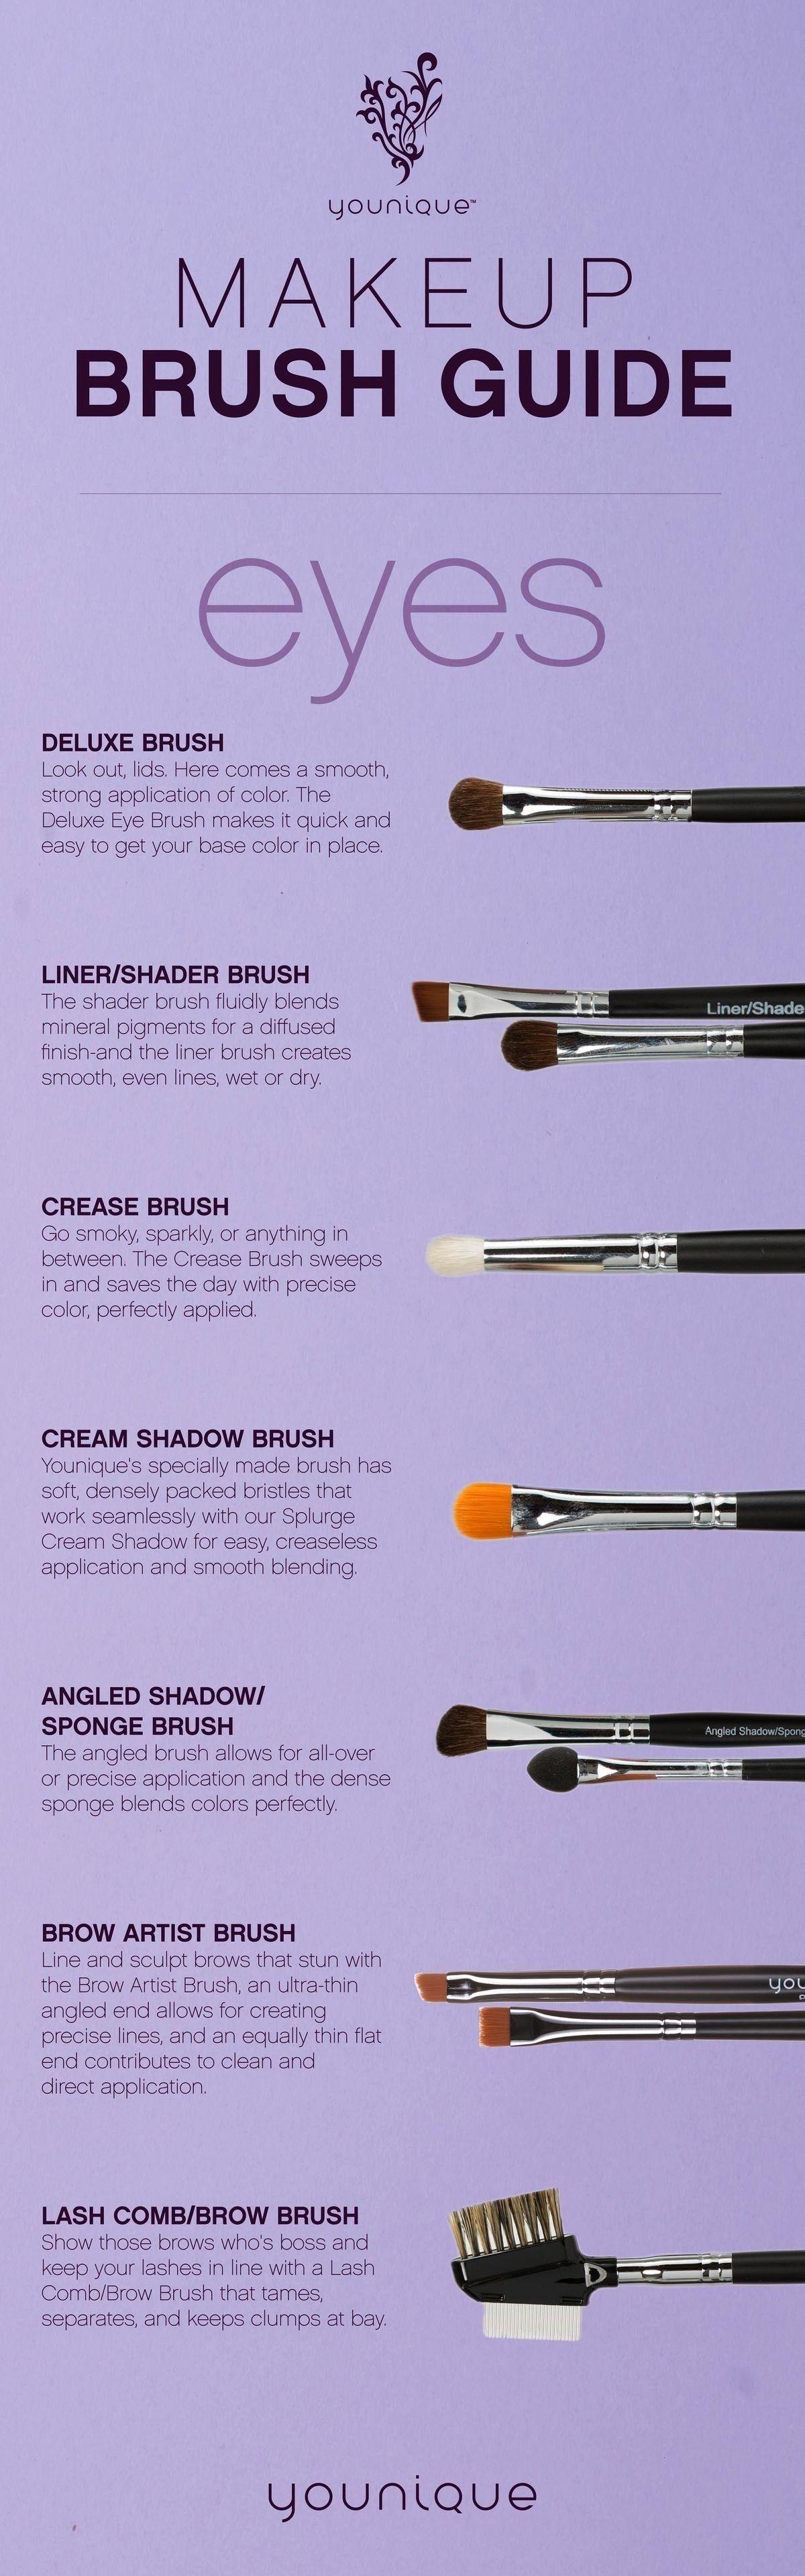 Photo of #youniqueeyemakeupbrushes #eyemakeupbrushguide #makeupforbeginners #makeupbrushe…